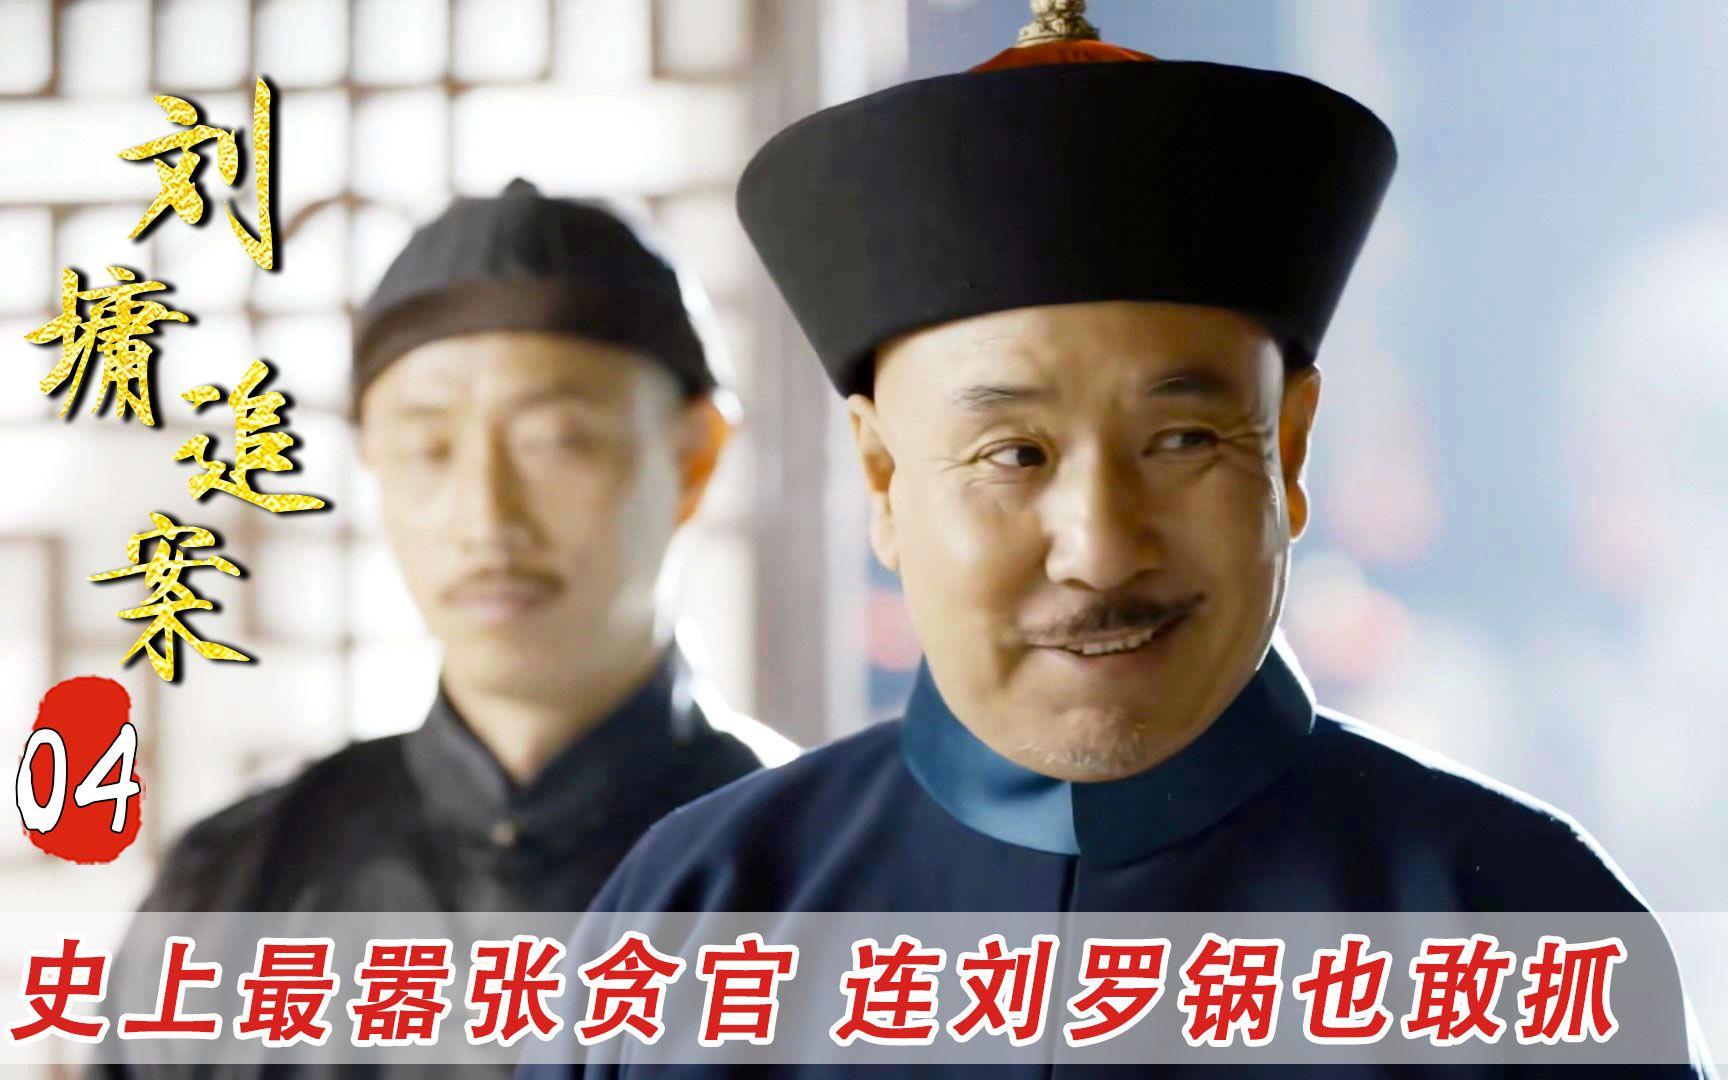 嚣张贪官欺负刘罗锅,不料六格格霸气护夫,这段实在太过瘾!